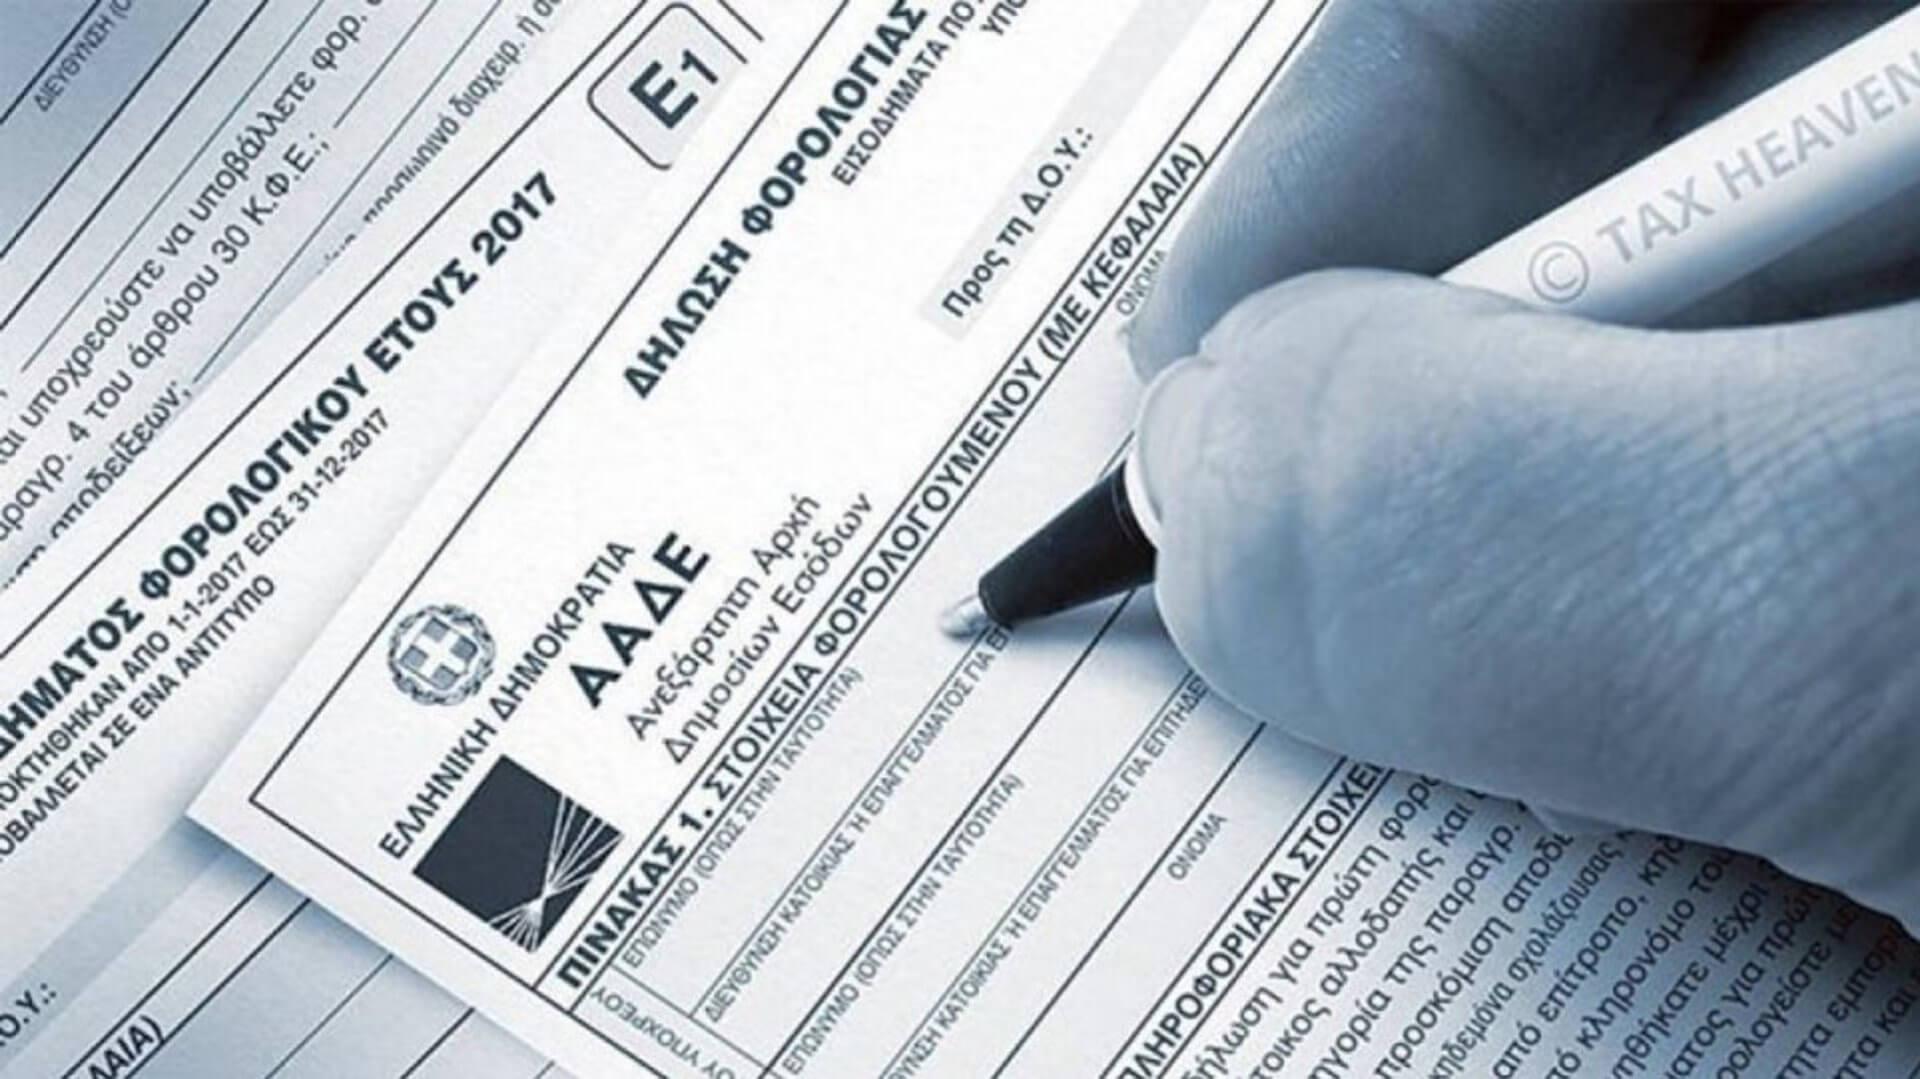 Παράταση φορολογικών δηλώσεων